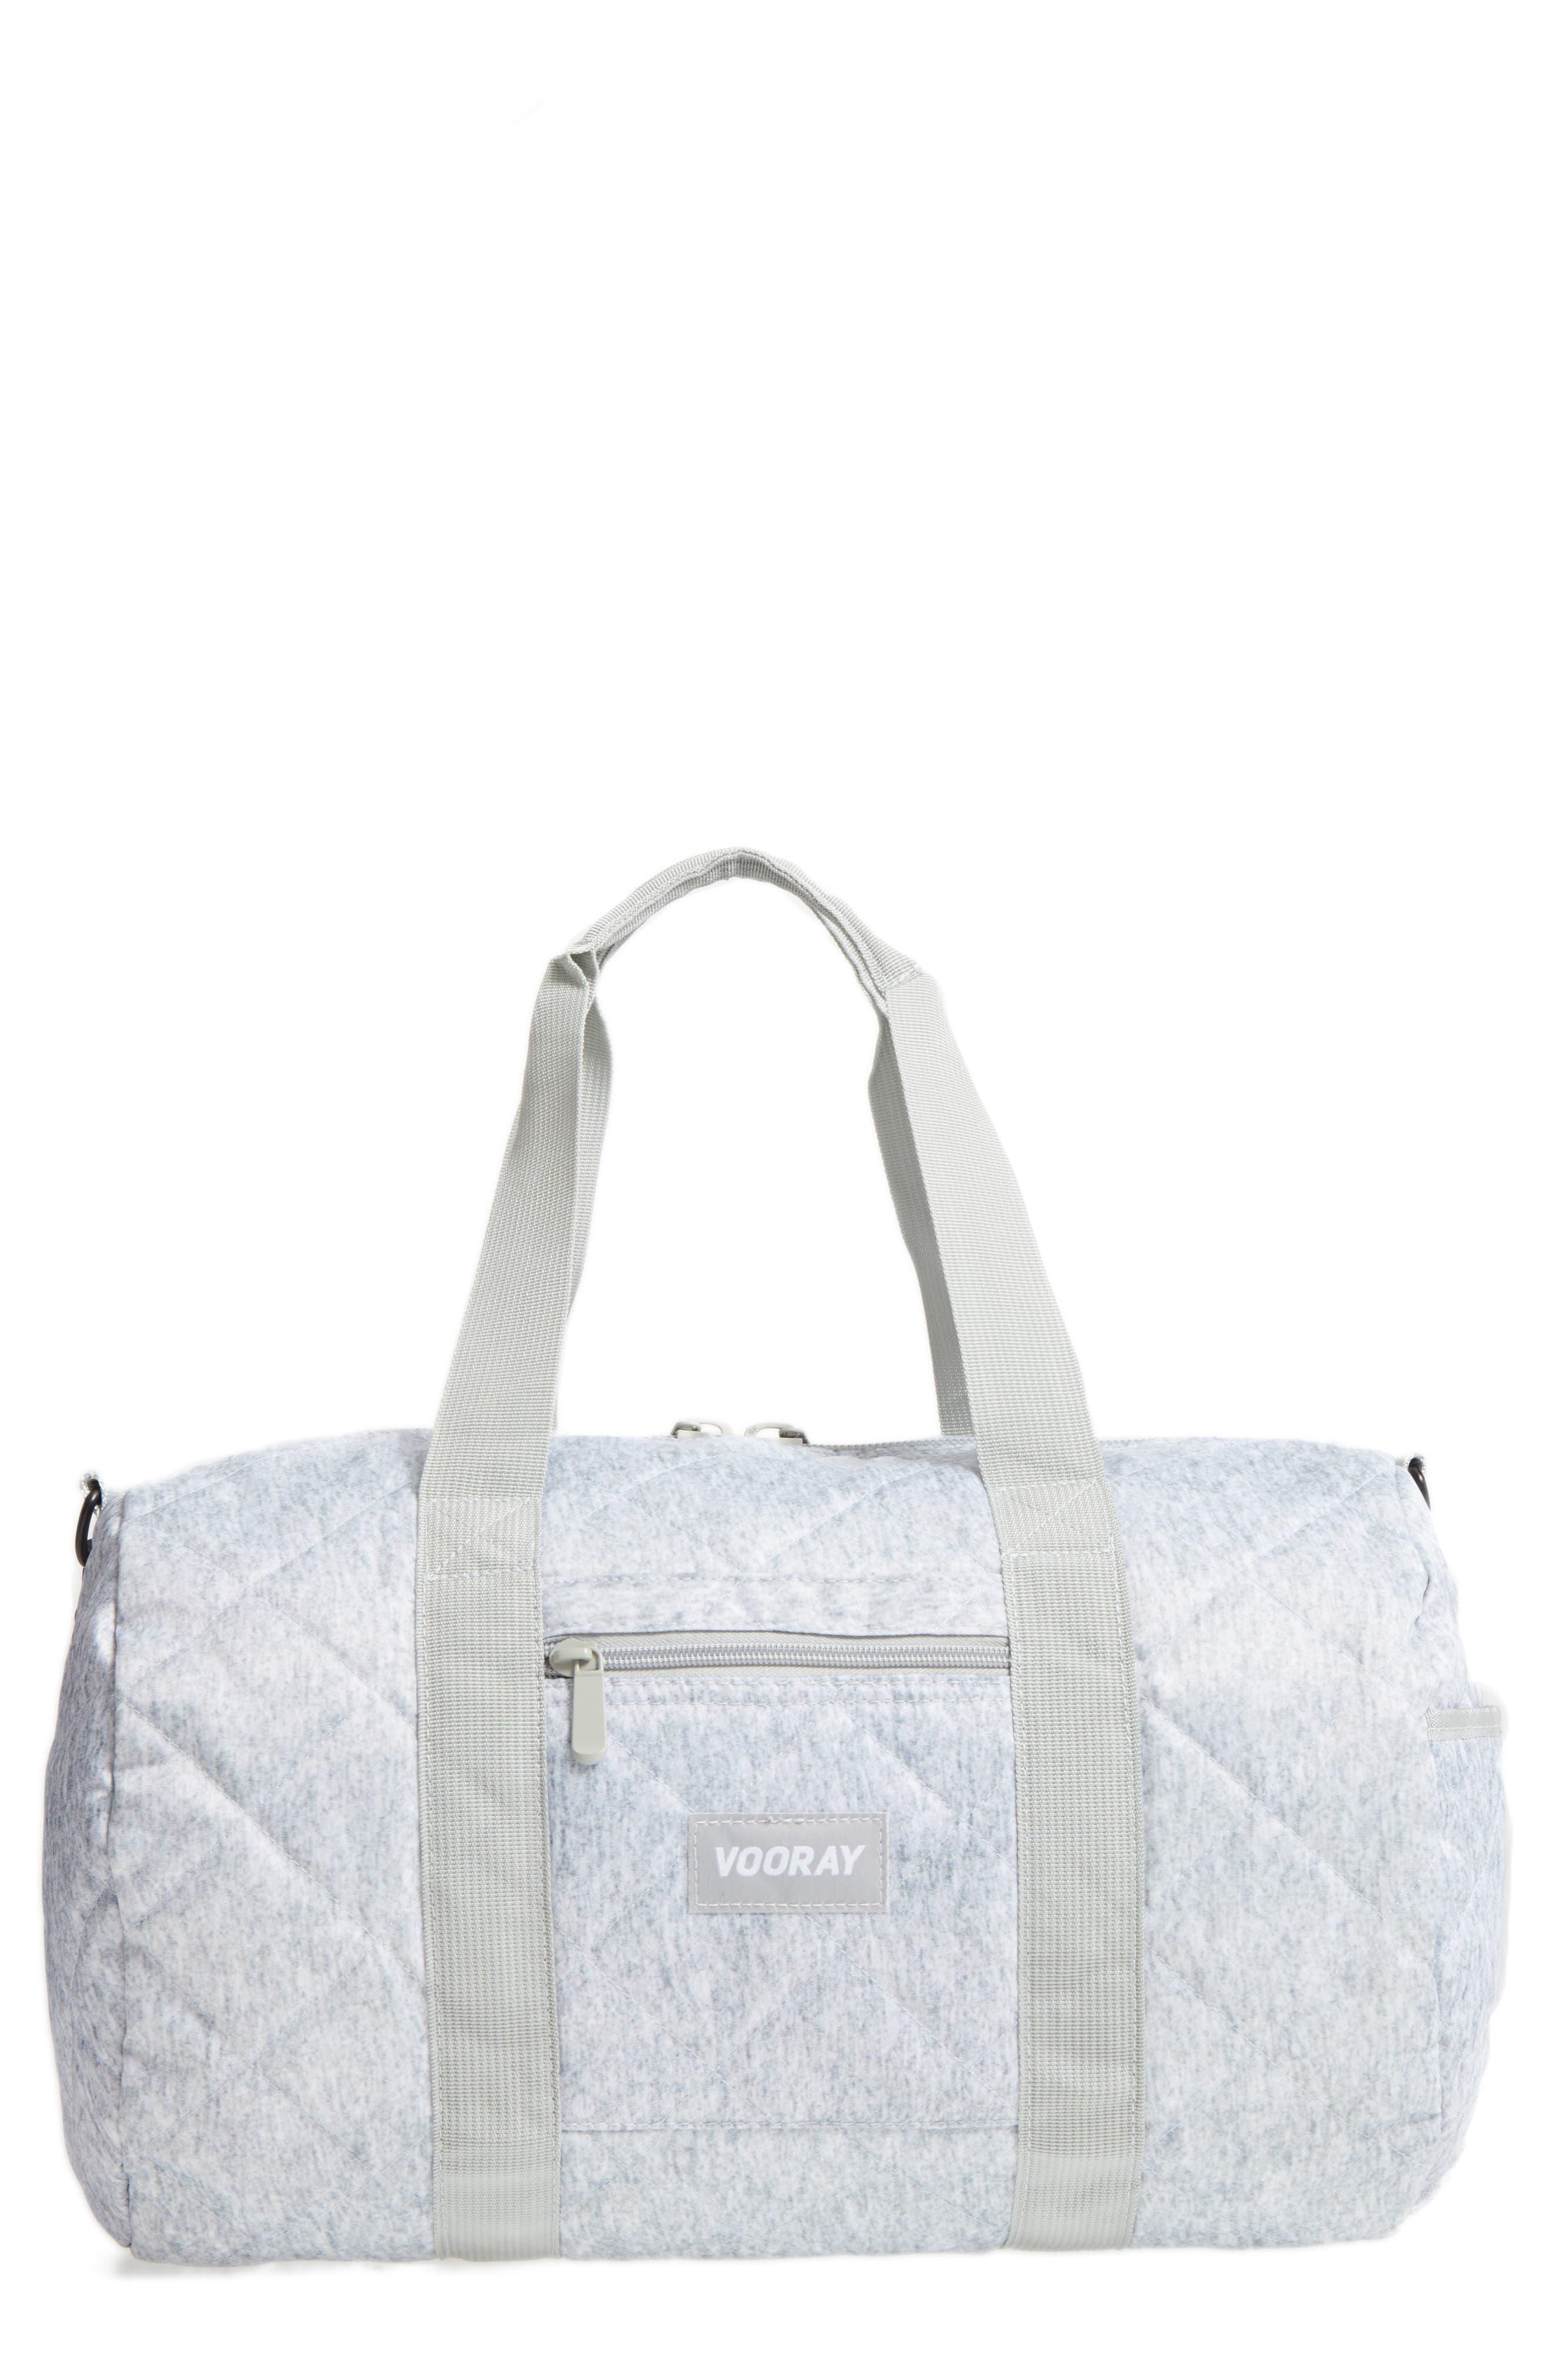 VOORAY Roadie Small Duffel Bag